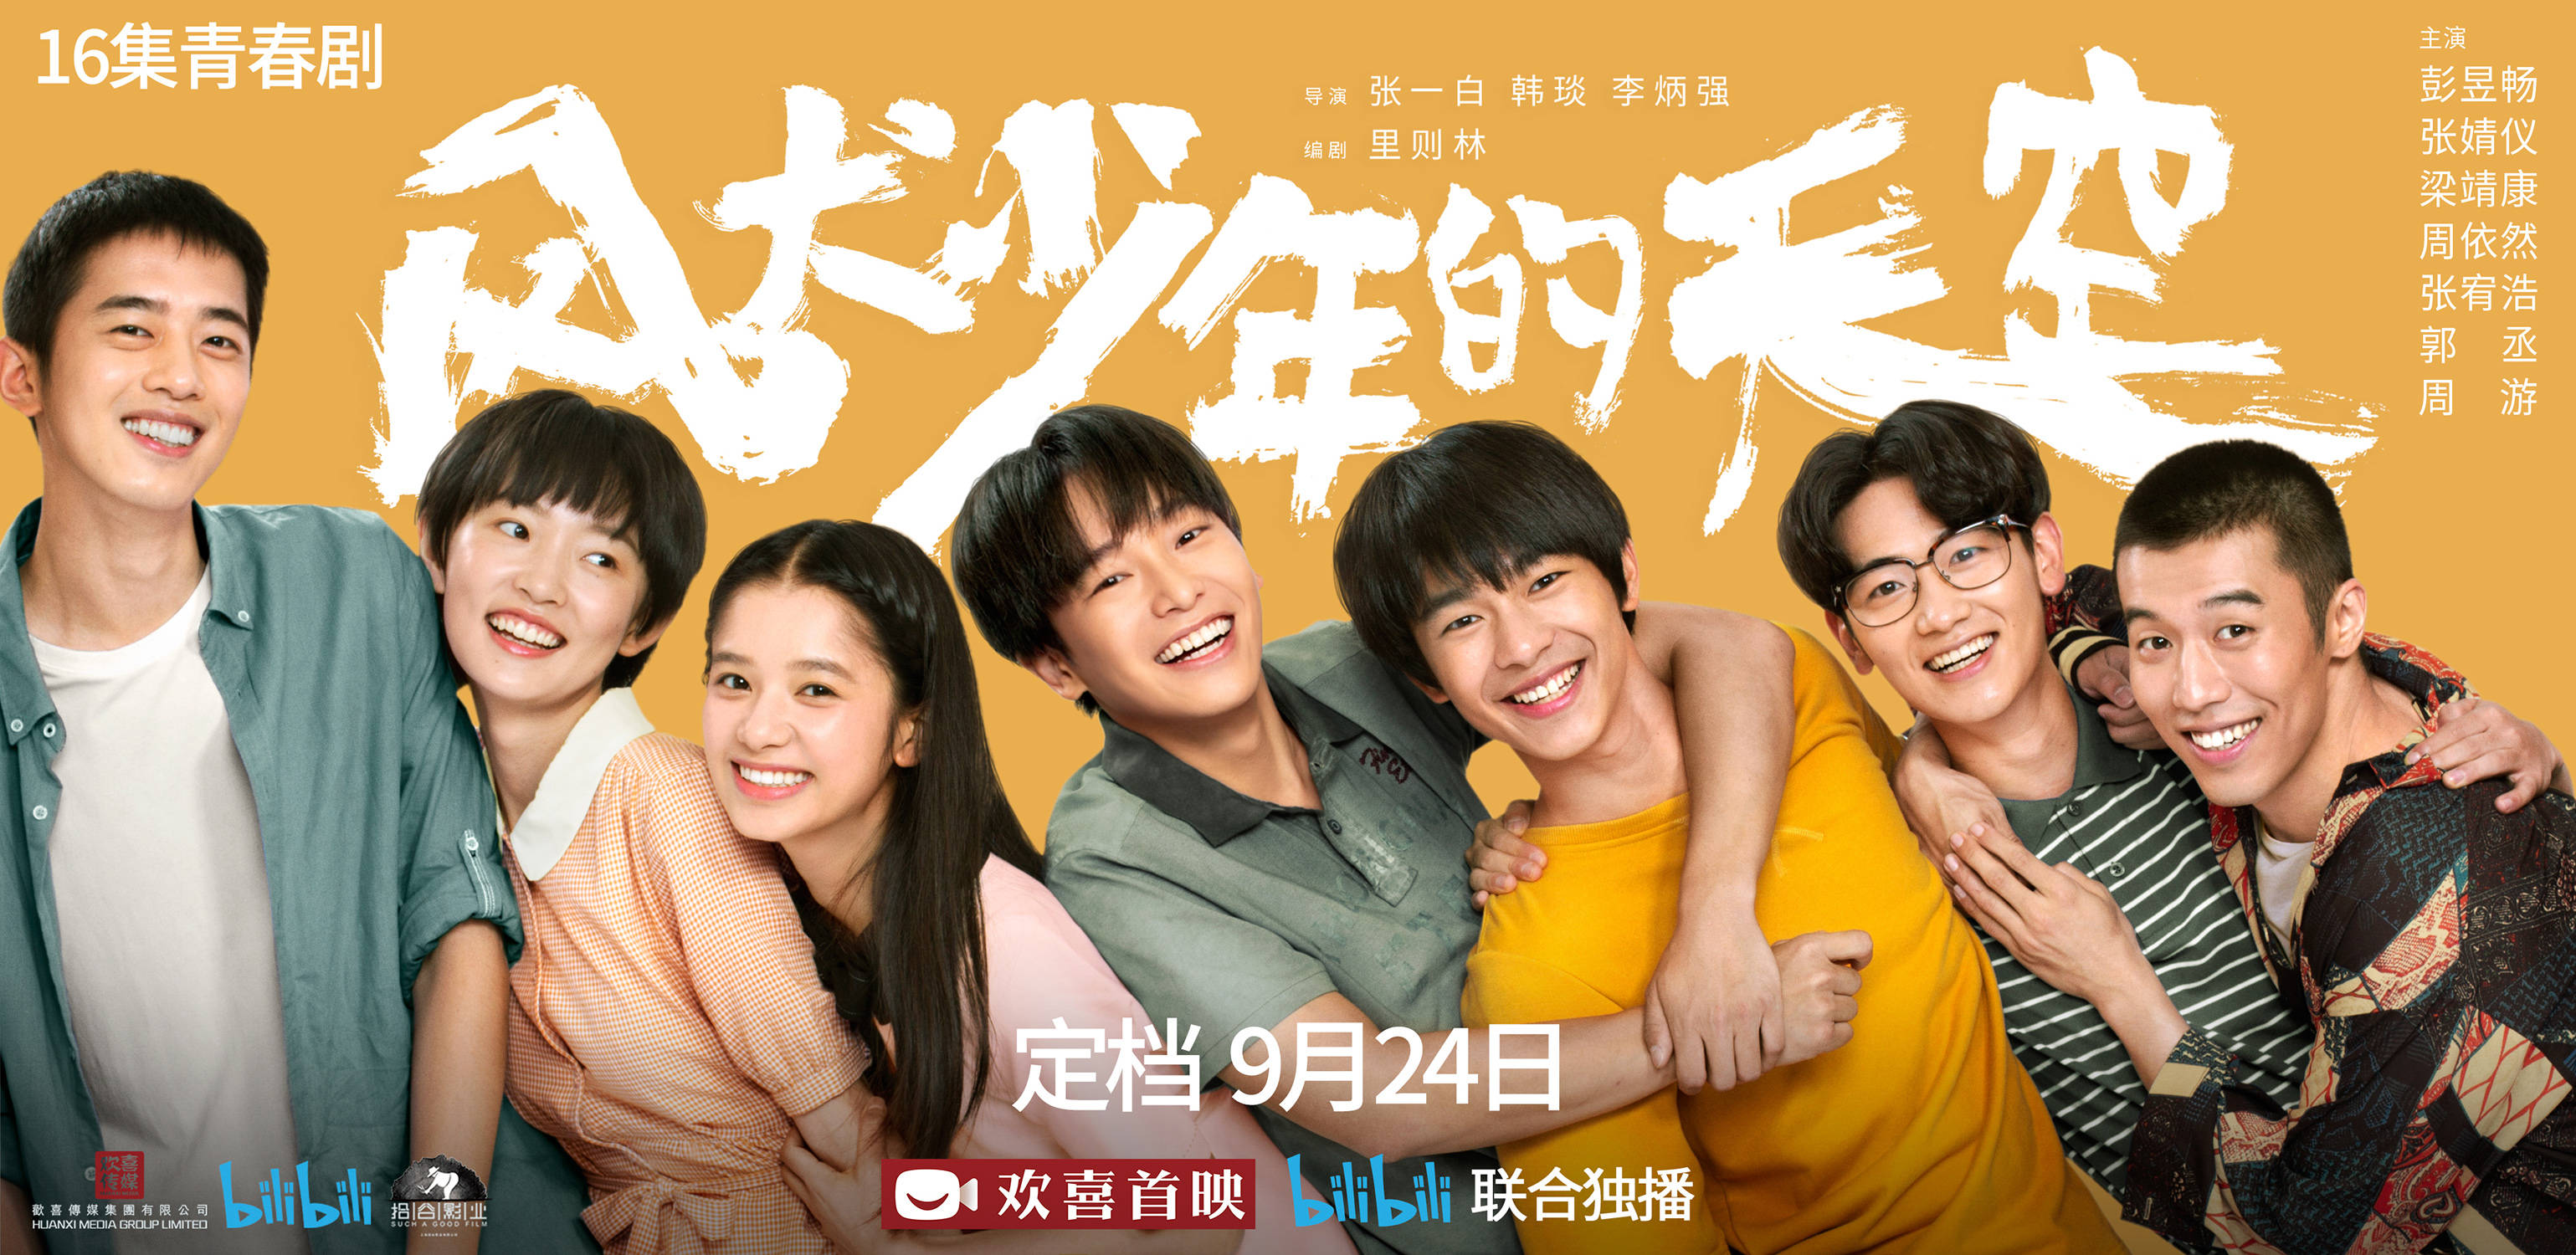 """彭昱畅《风犬少年的天空》定档9.24 滚烫青春""""爷青回"""""""